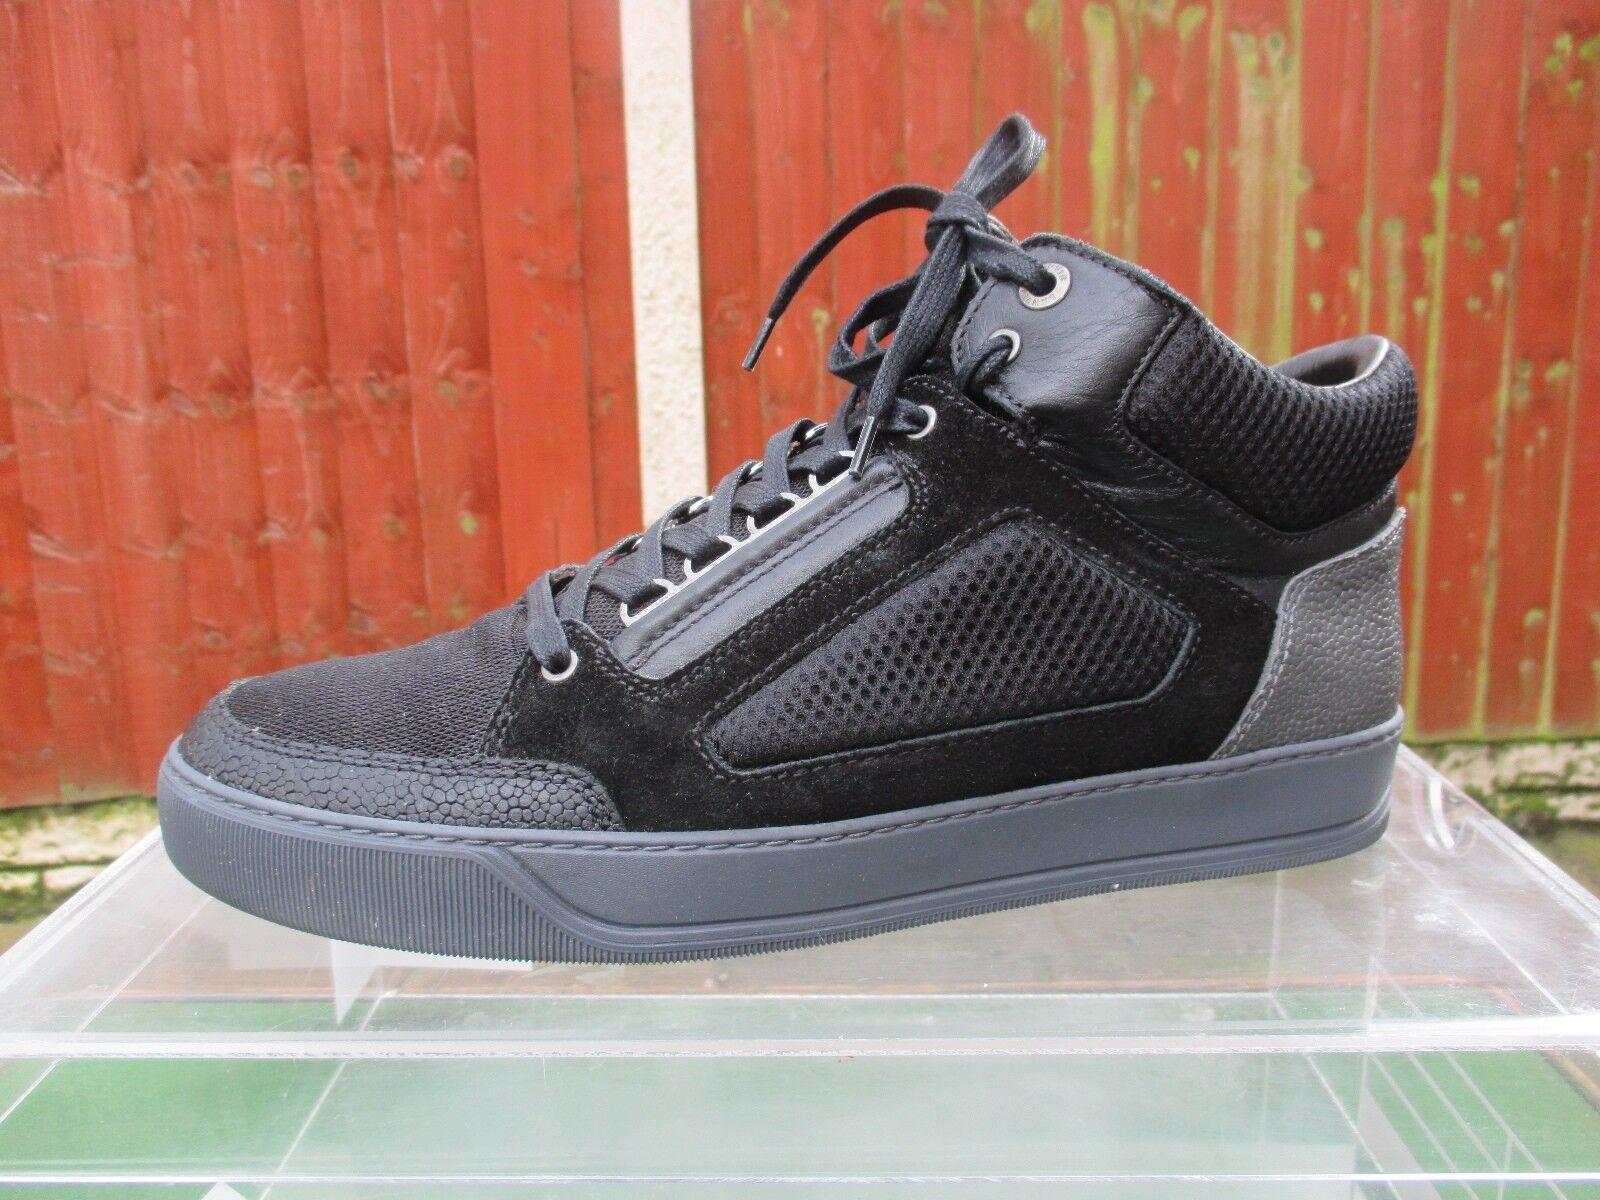 Malla de Cuero Genuino LANVIN con paneles Mid Top zapatillas &, Tenis Reino Unido 10